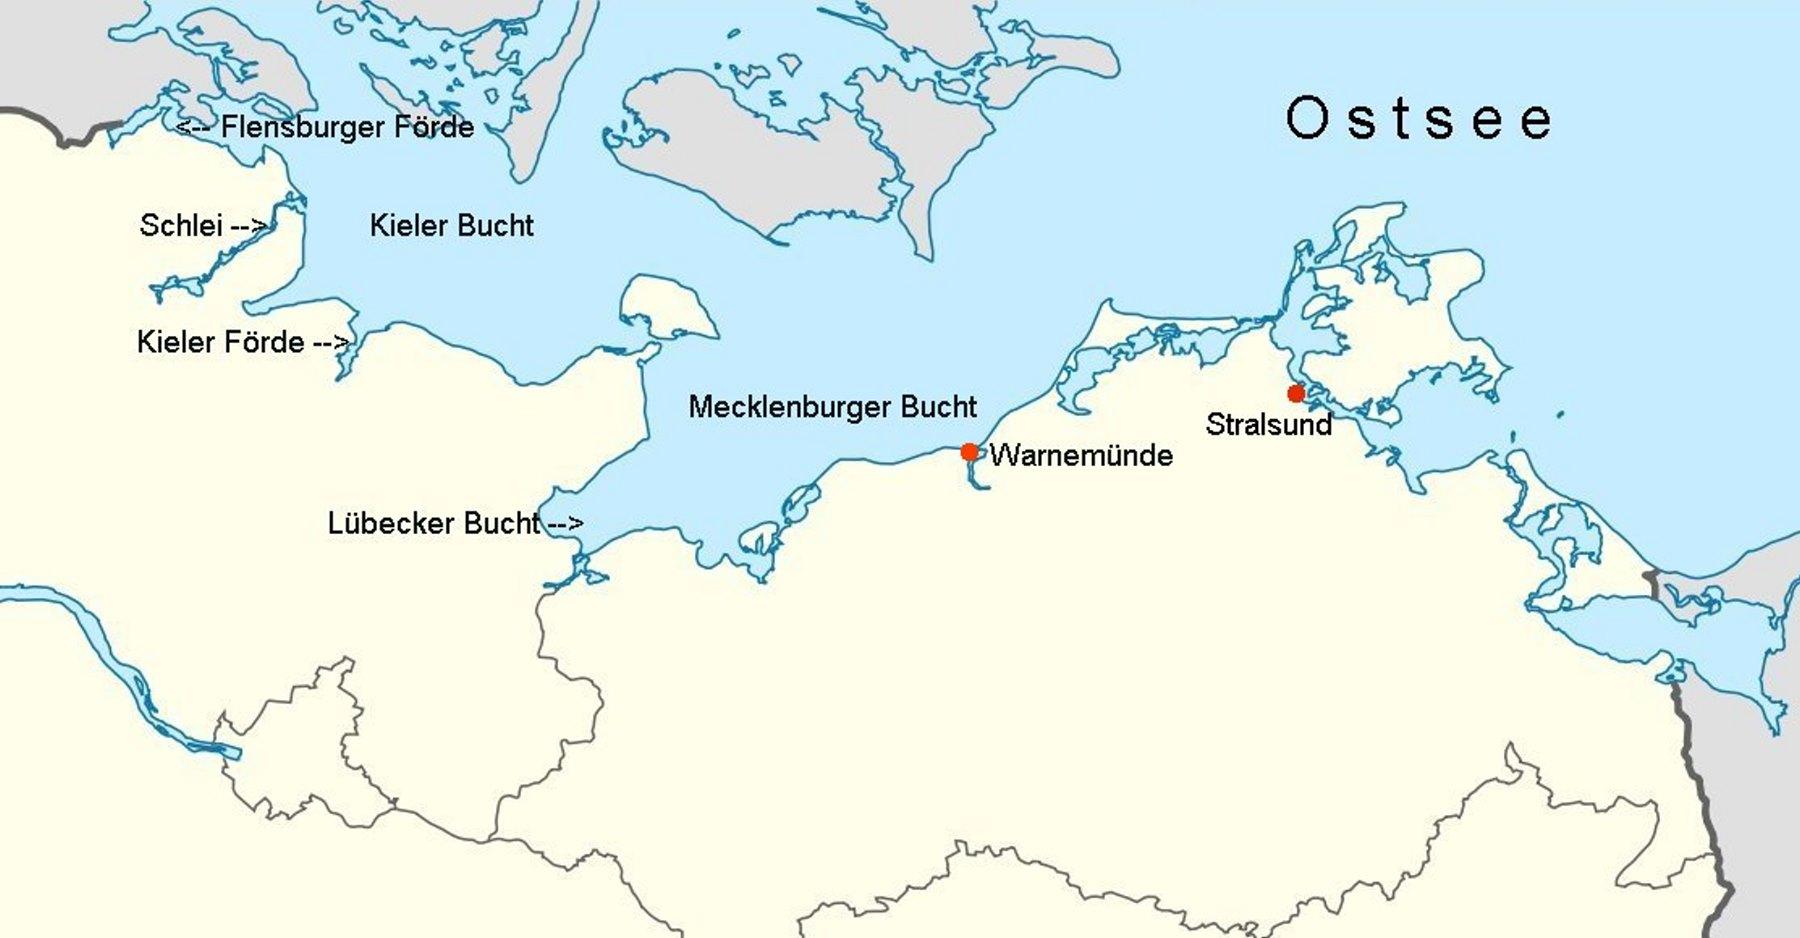 deutsche ostseeküste karte Online Hafenhandbuch Deutschland: Die Ostsee, Übersicht und  deutsche ostseeküste karte